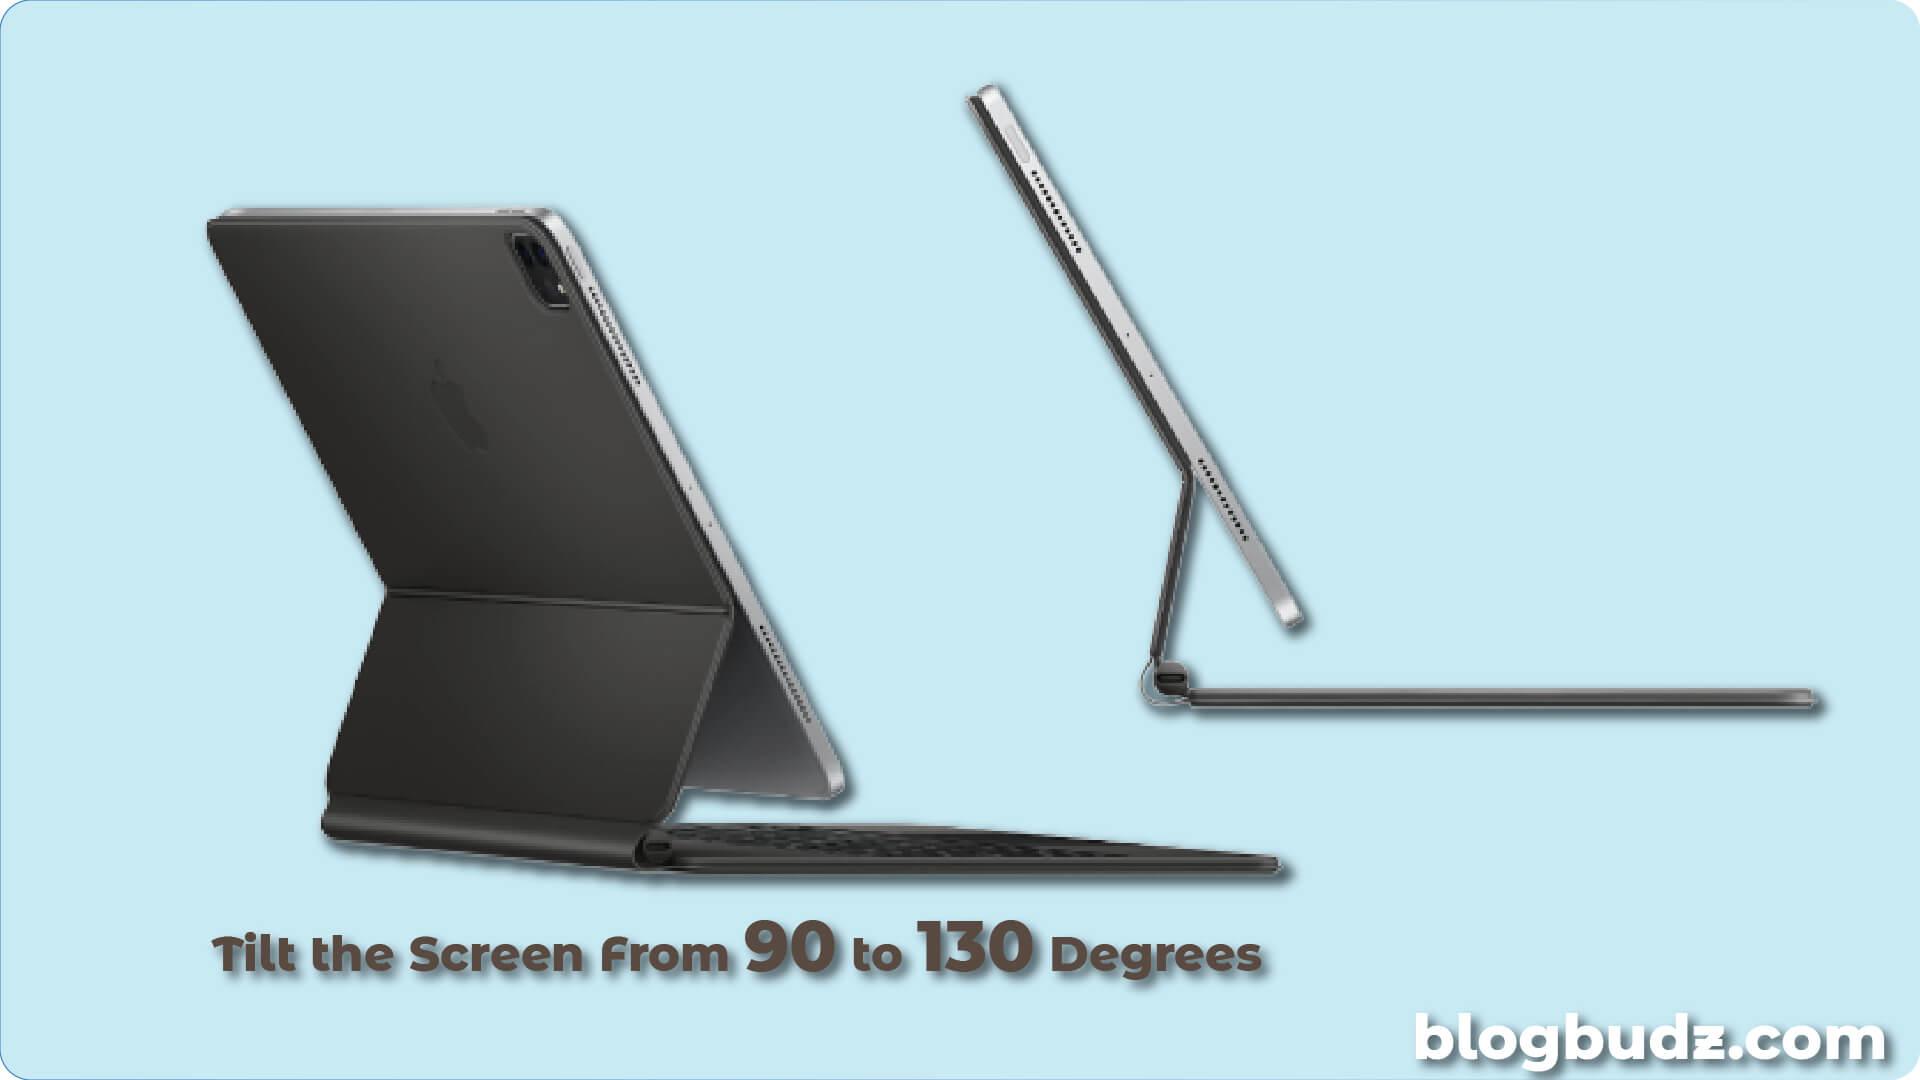 Tilt 90 to 130 degree